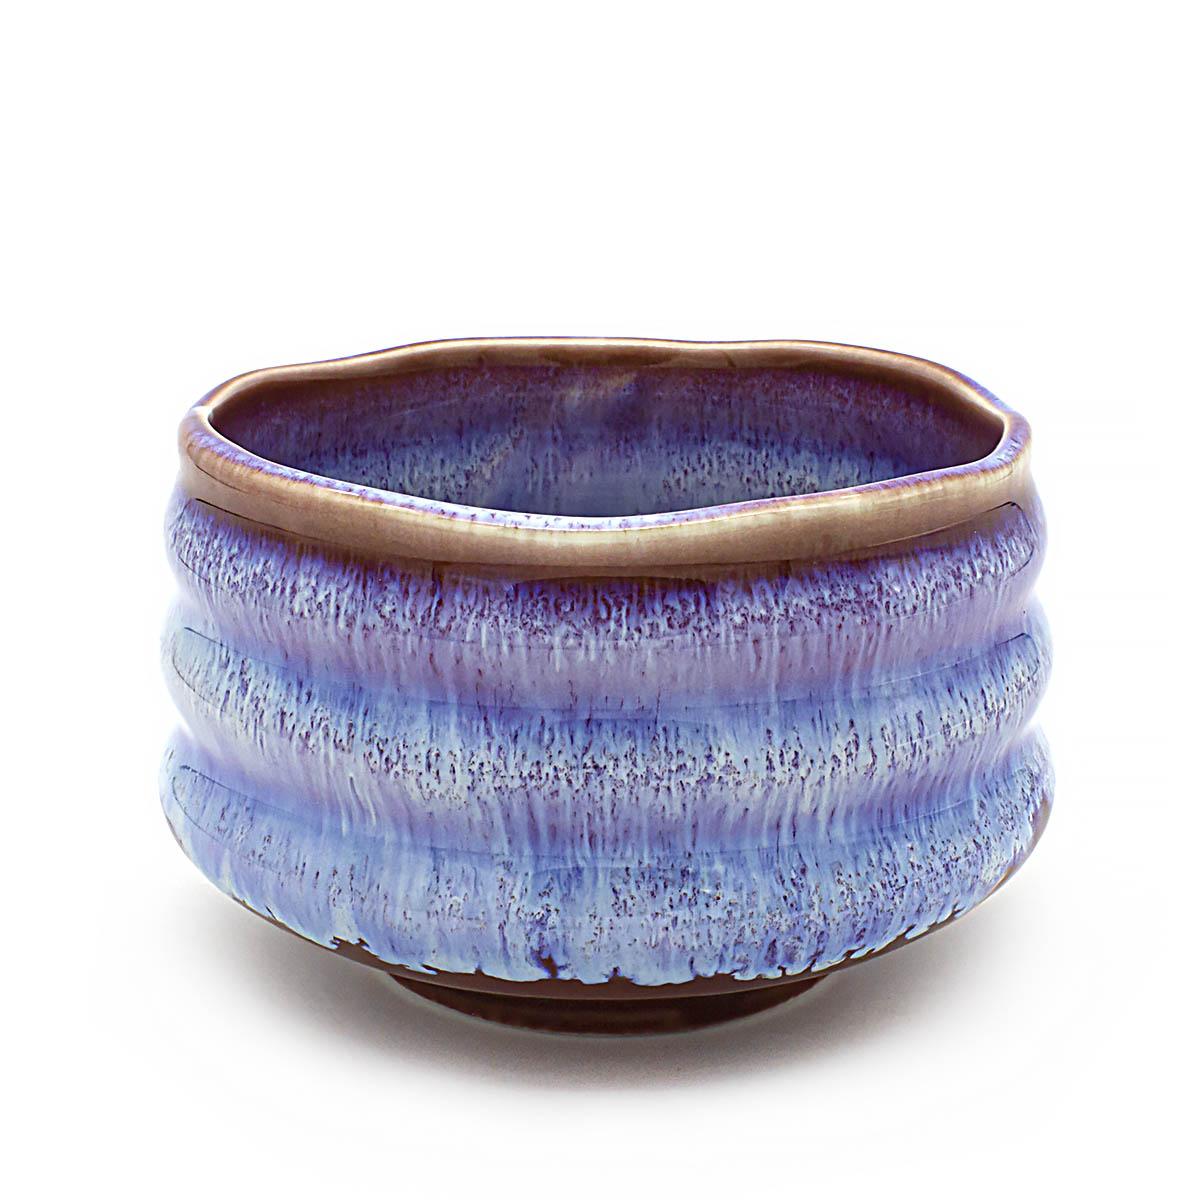 Чаша для матча керамическая, голубая, 500 мл